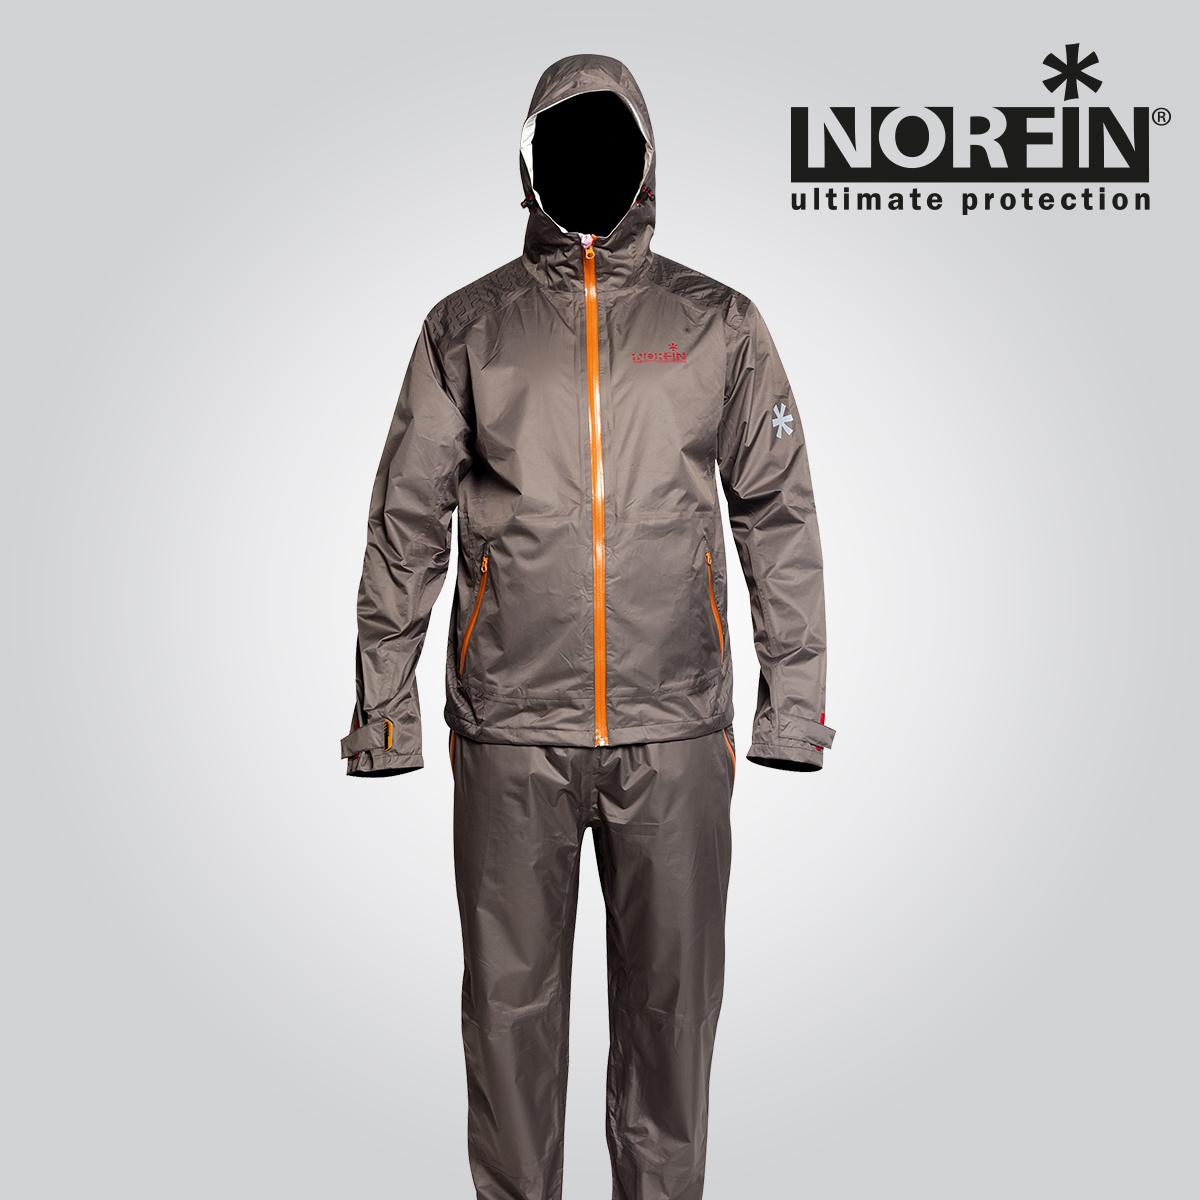 костюм рыбацкий весенне-осенний  норфин купить